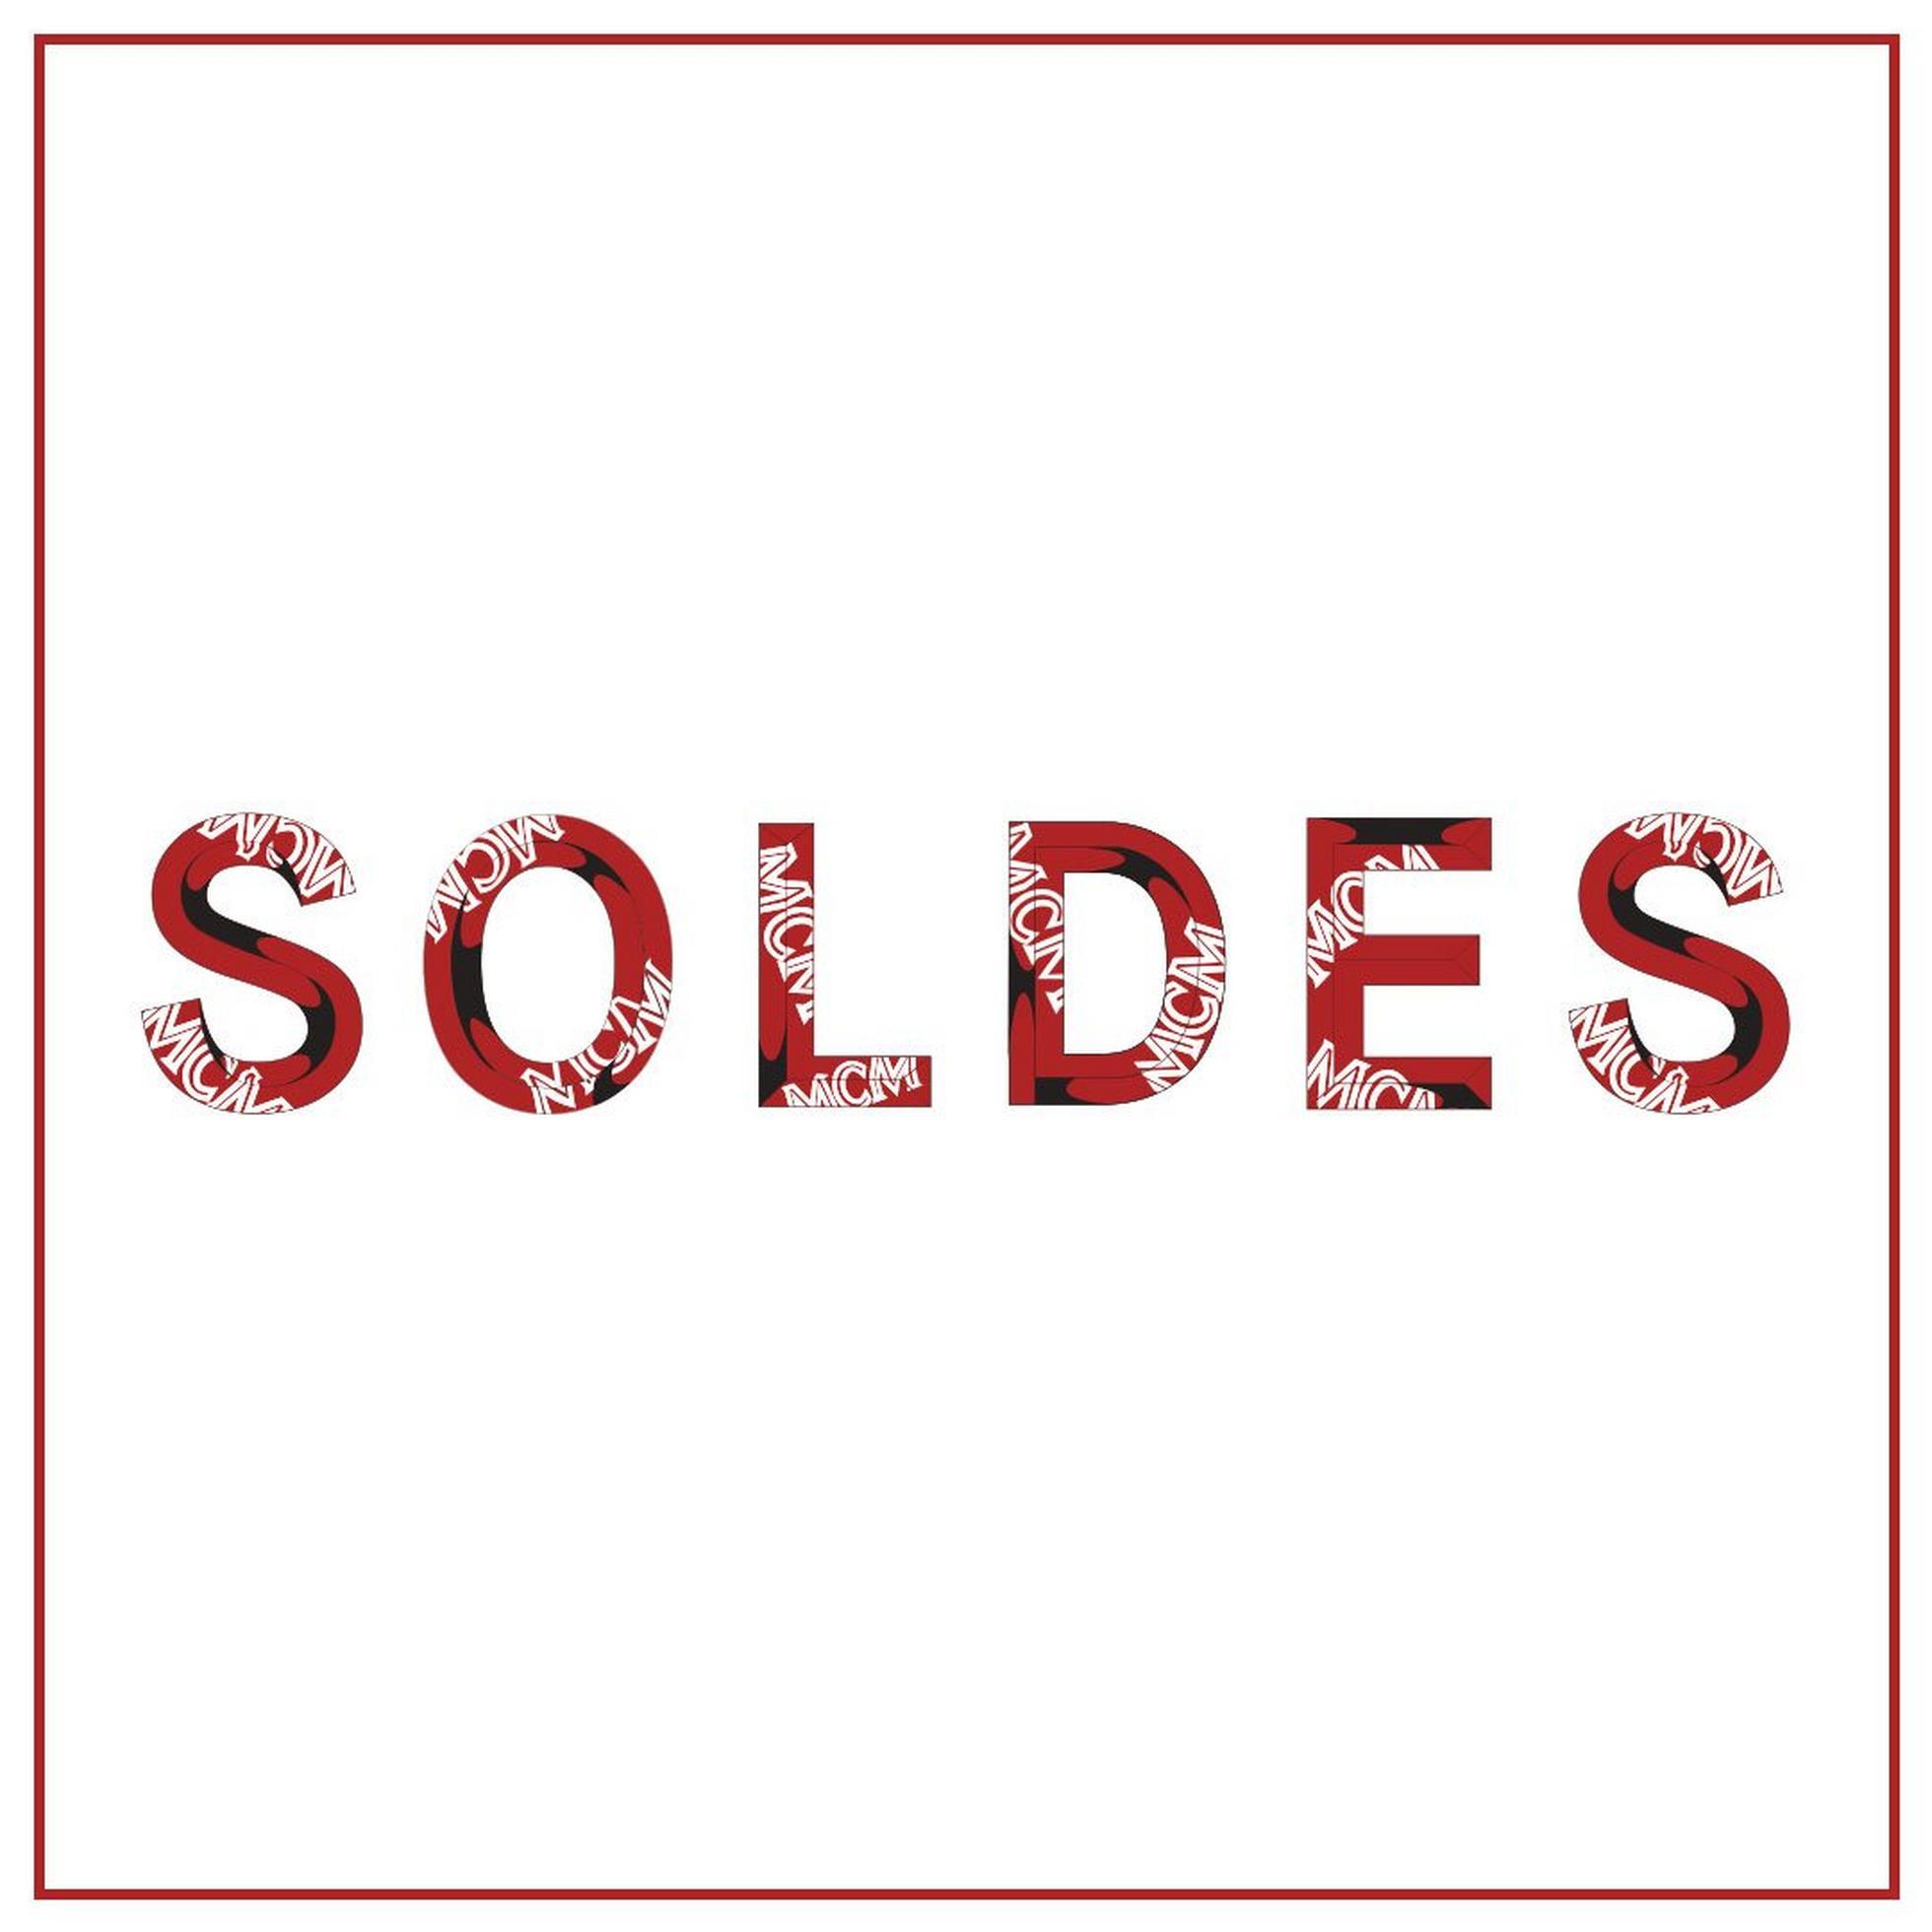 SOLDES 30%